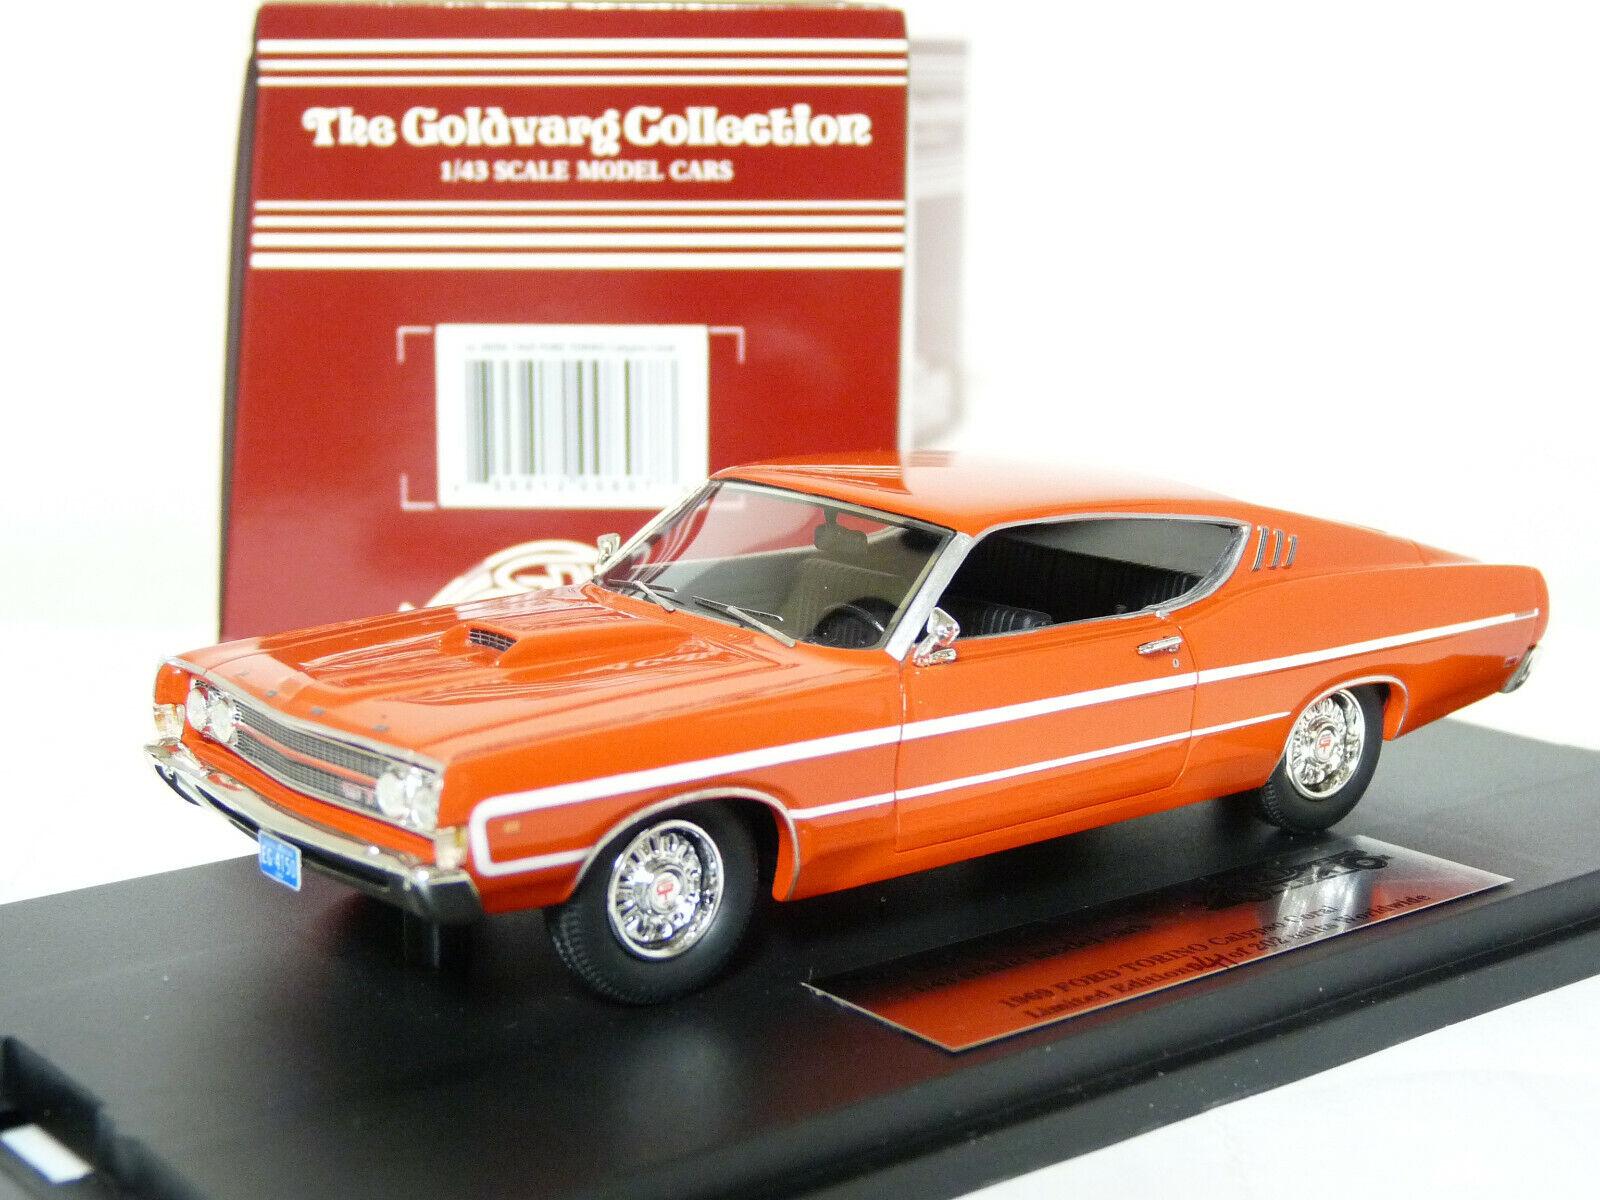 producto de calidad orovarg GC-009A 1 43 1969 Ford Torino Coche Modelo Modelo Modelo de Resina  ¡No dudes! ¡Compra ahora!